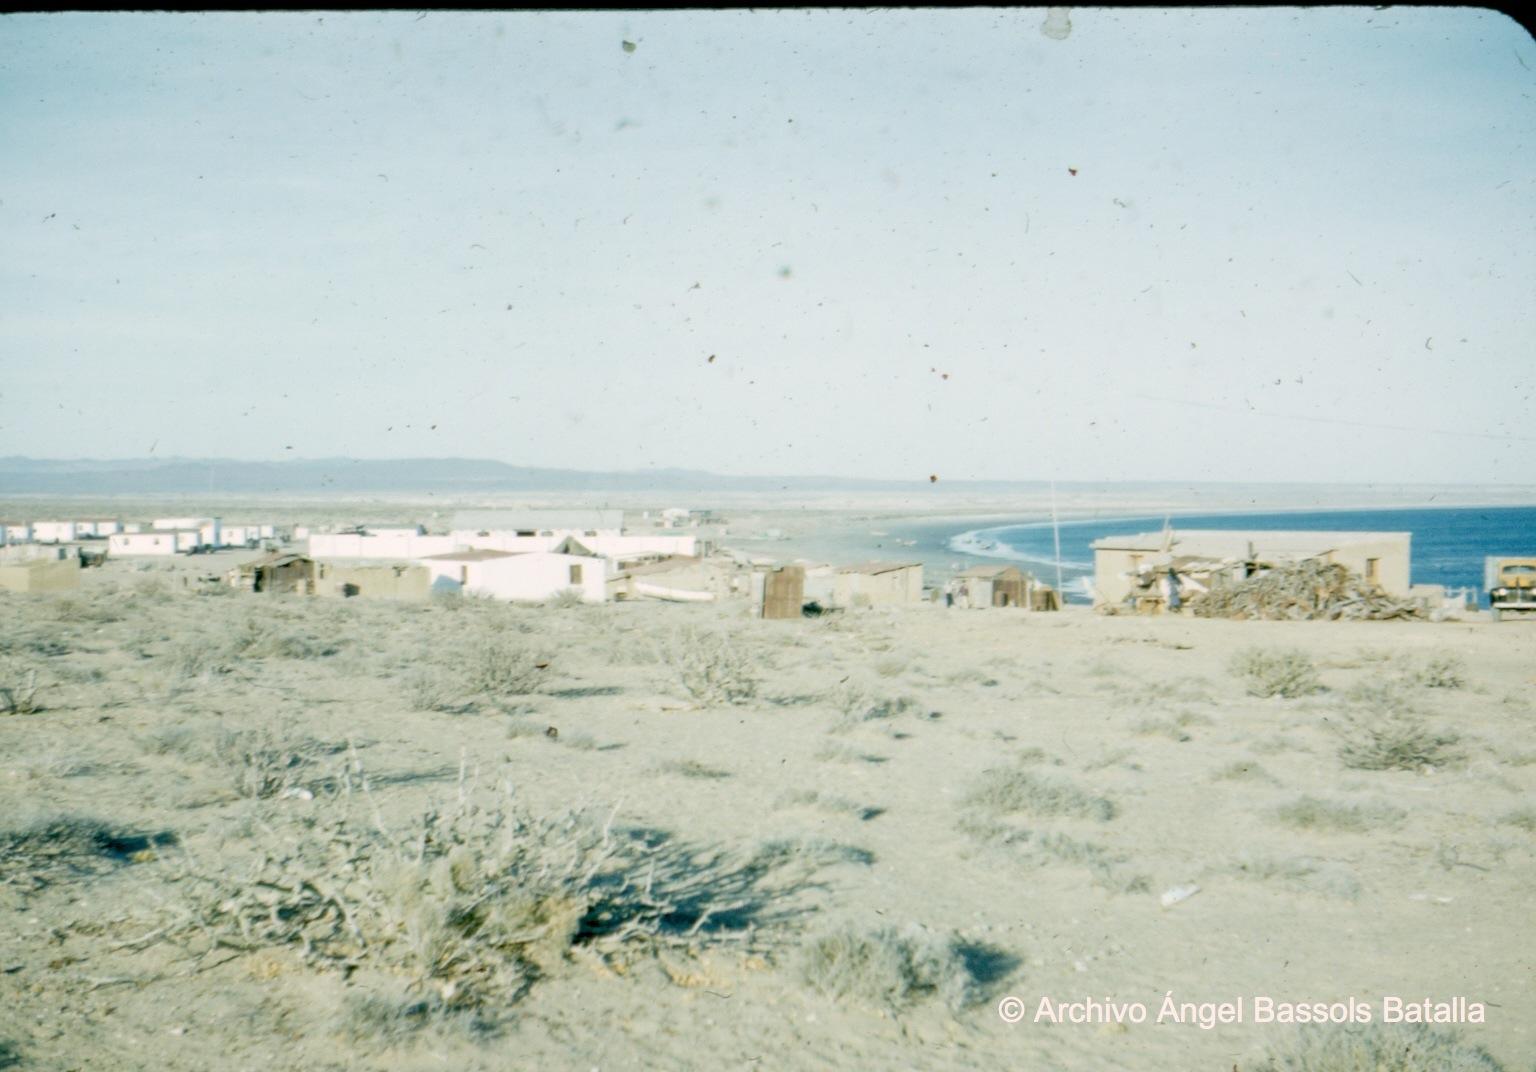 Punta Asunción